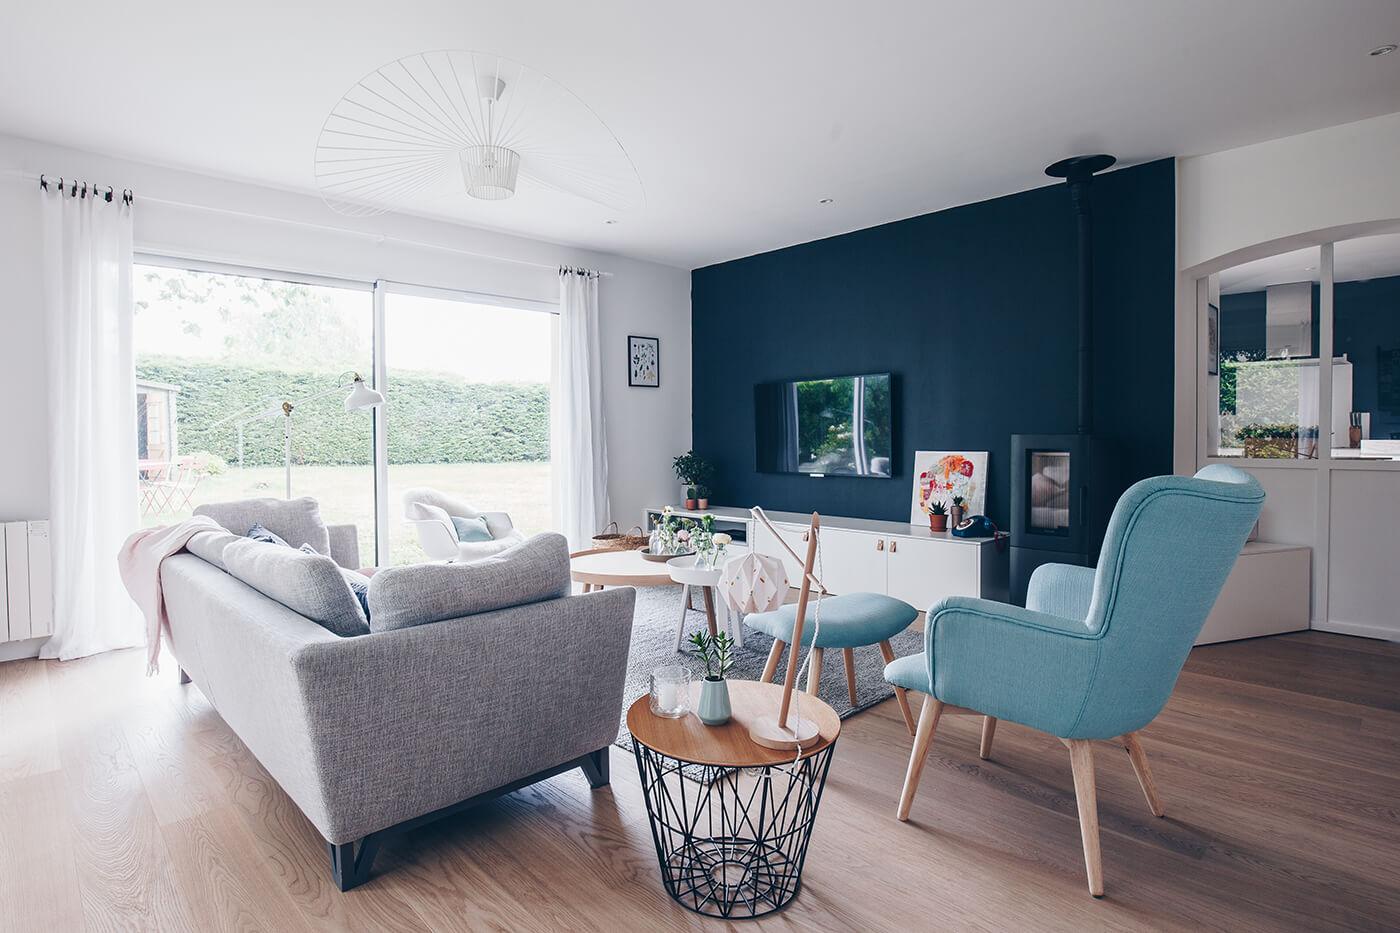 Rénovation / la maison d'inspiration scandinave d'Adeline - FrenchyFancy